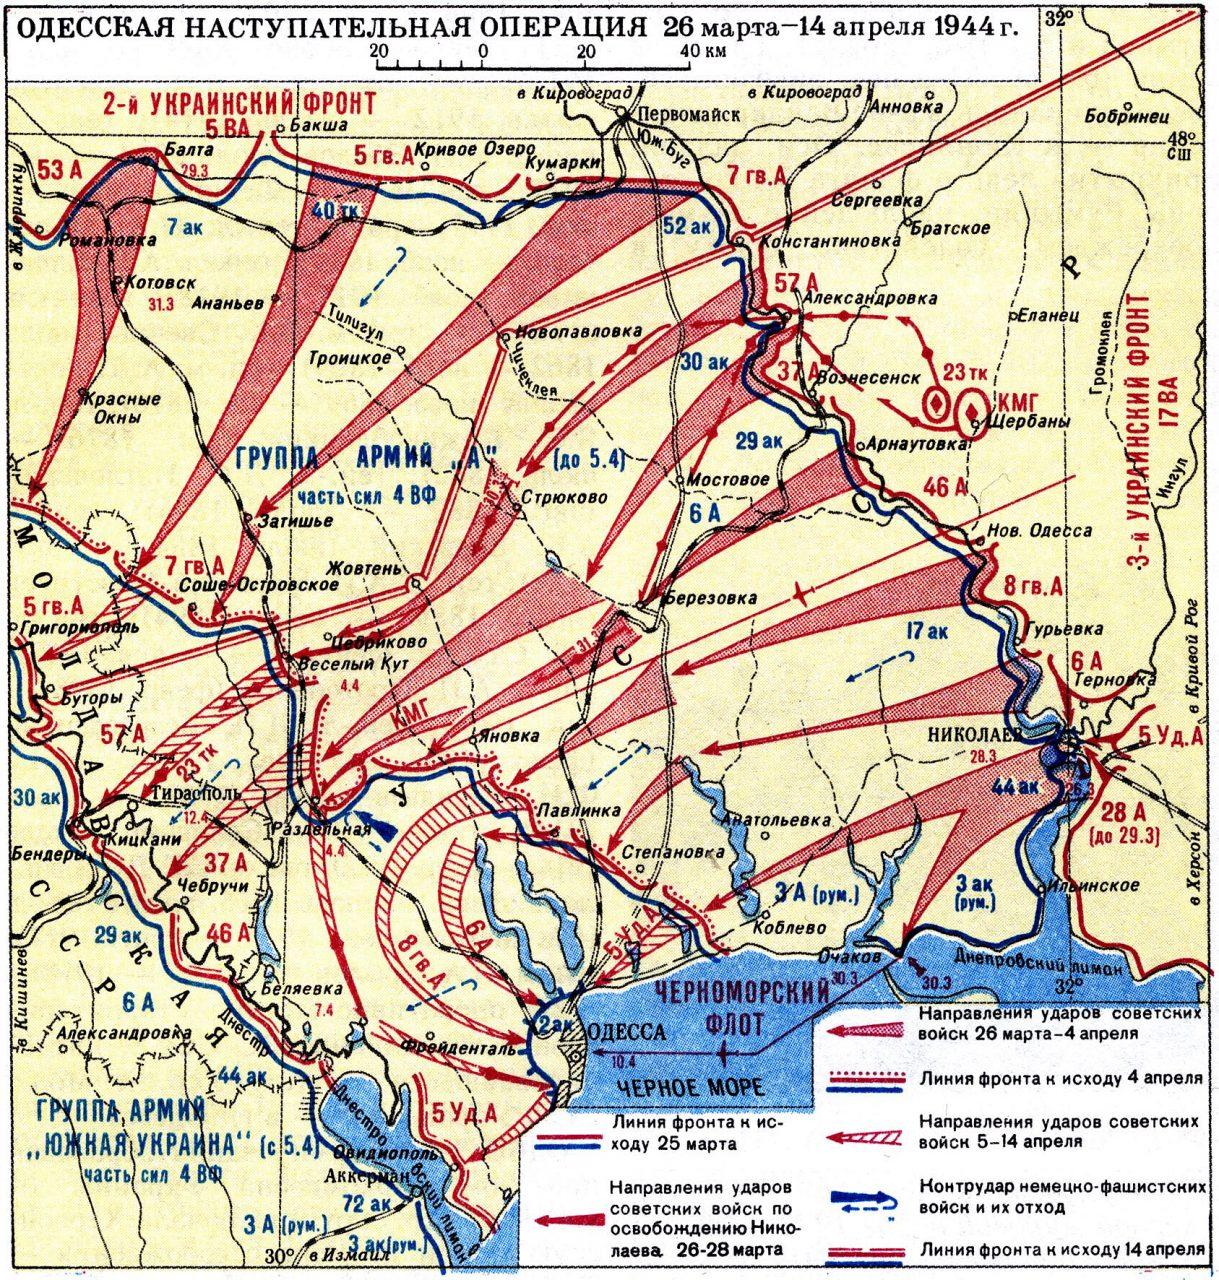 Карта Одесской наступательной операции 1944 года